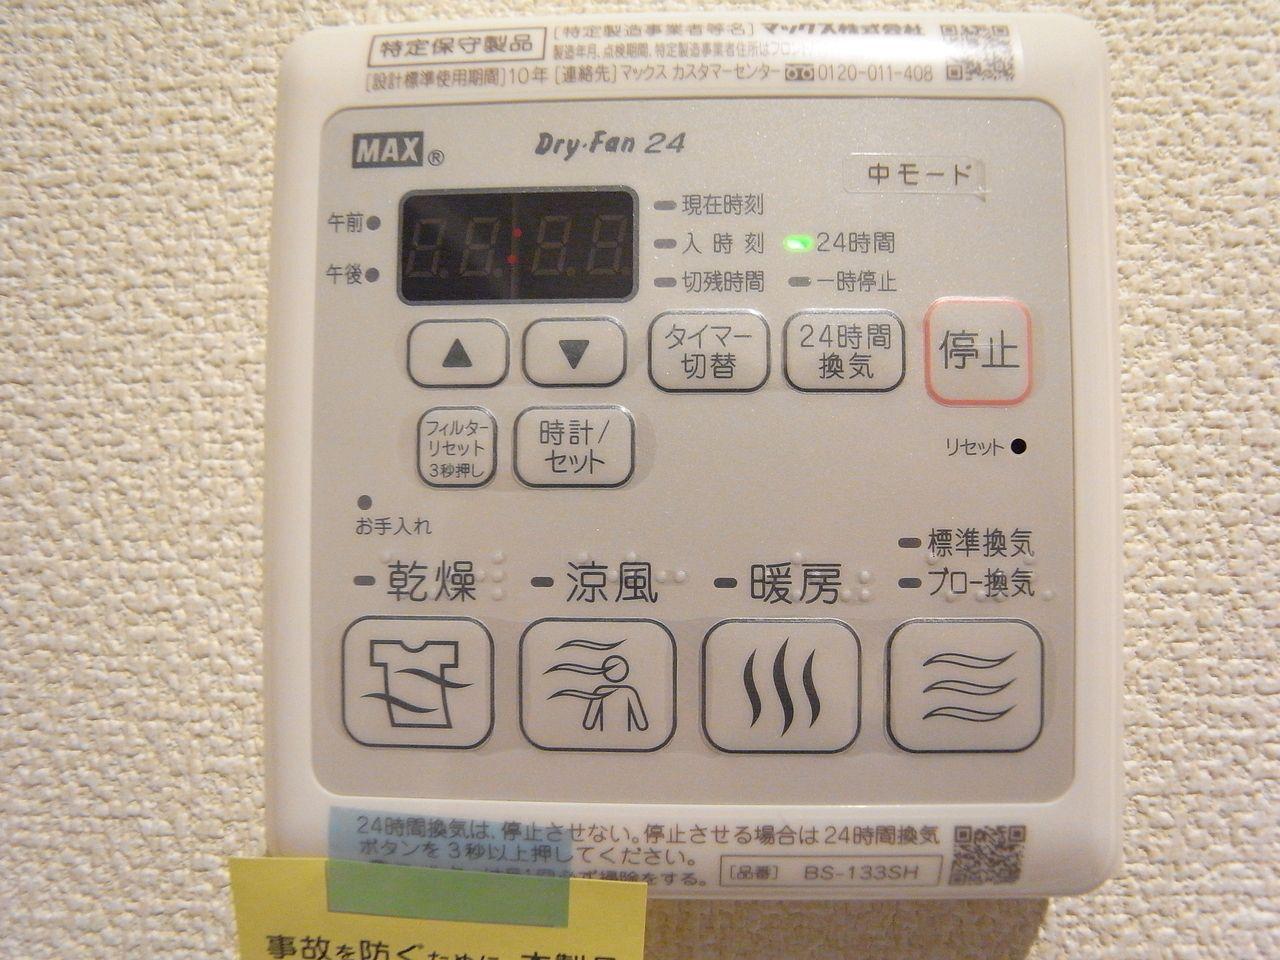 便利な乾燥機能や暖房付き